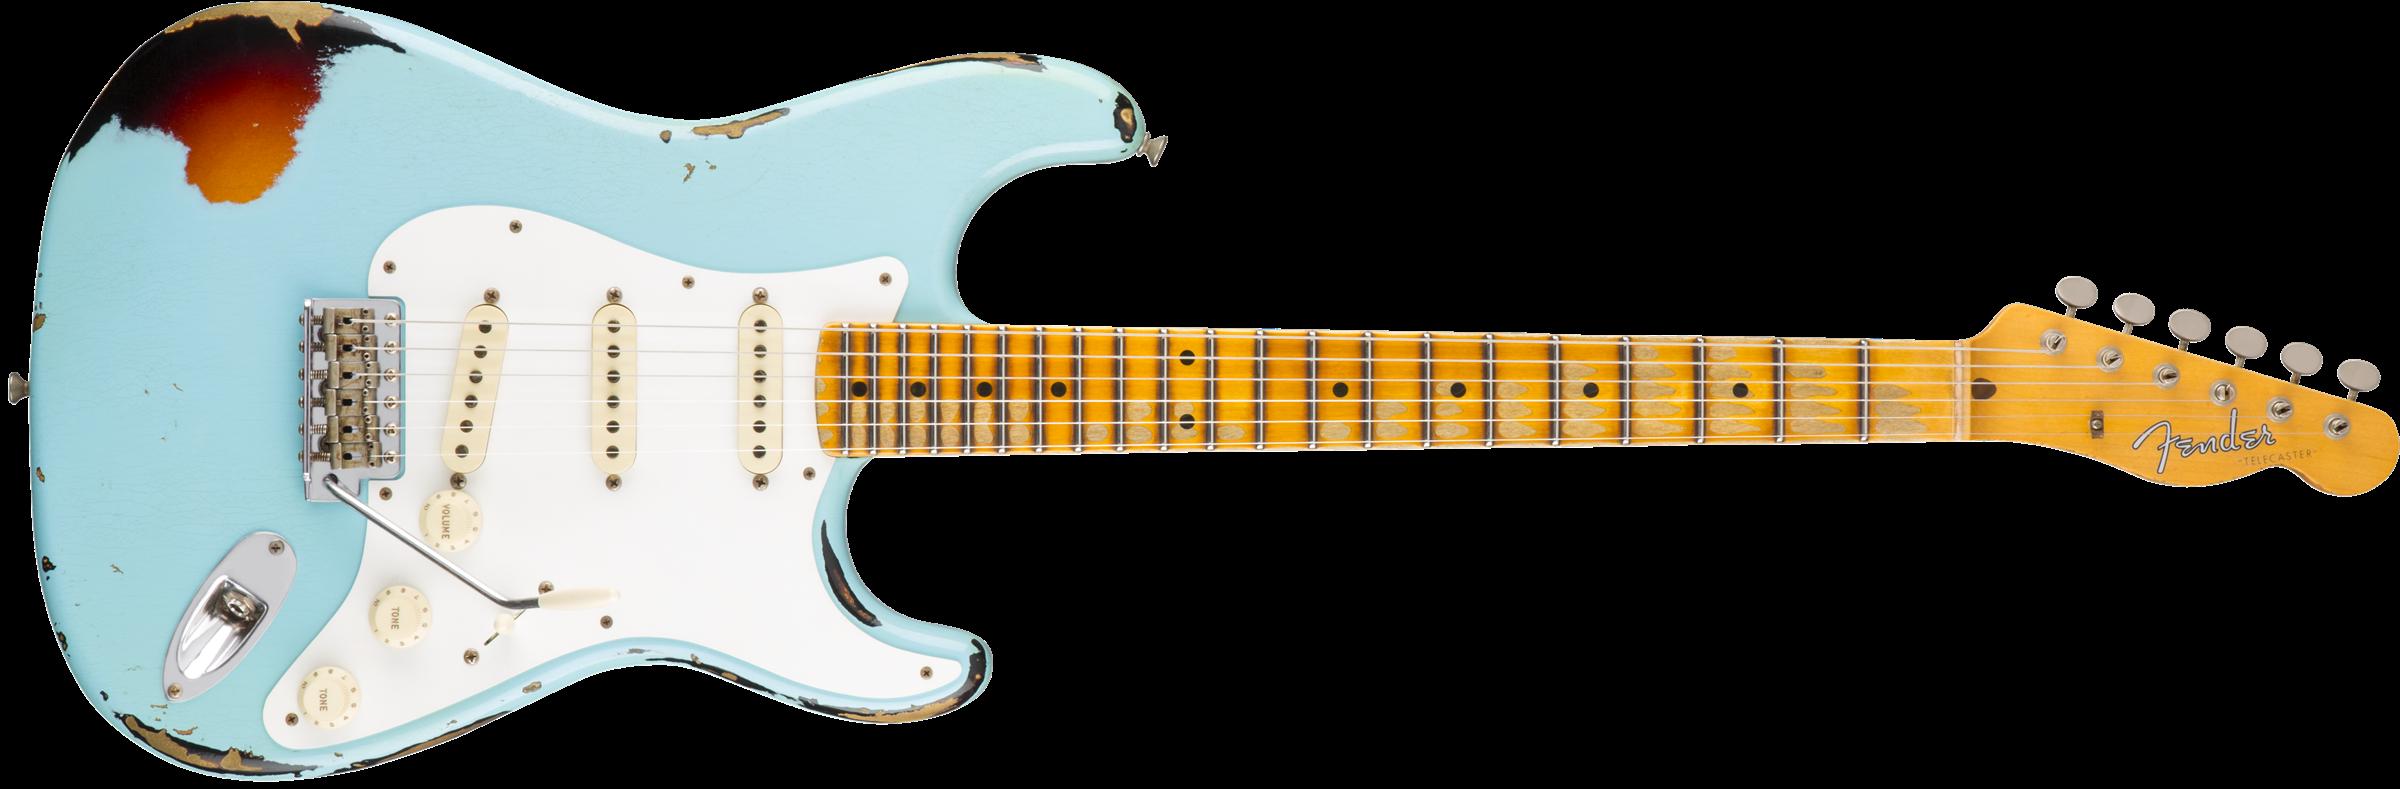 Fender PNG - 31856